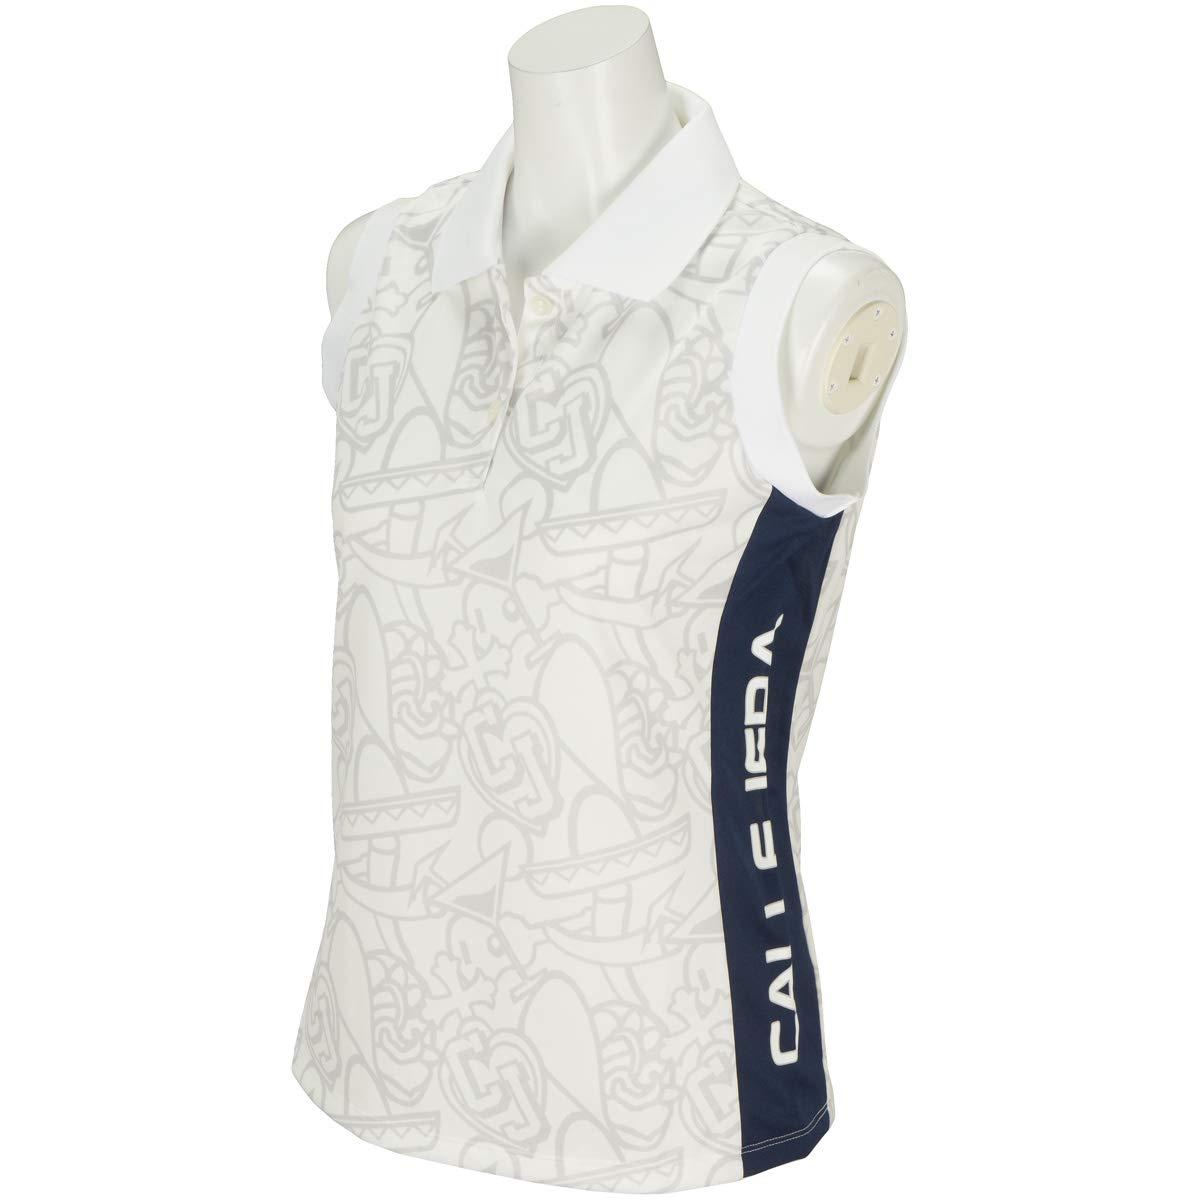 カジェヘラ CALLEJERA 半袖シャツポロシャツ SABOTEN PTN ノースリーブ ポロシャツ レディス 1 ホワイト B07SYLR6YB